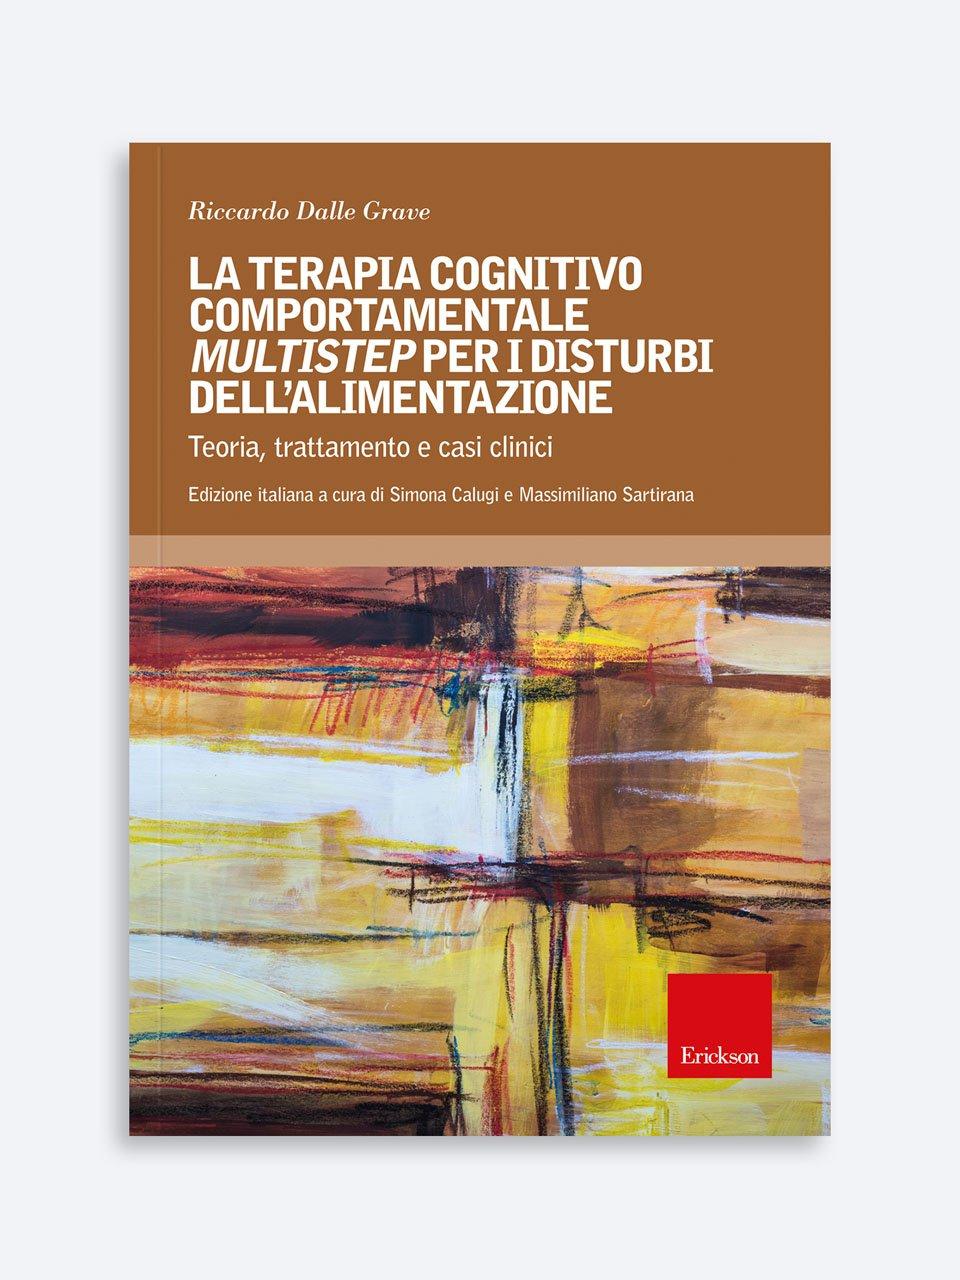 La terapia cognitivo-comportamentale multistep per i disturbi dell'alimentazione - Tutti a tavola... - Libri - Erickson